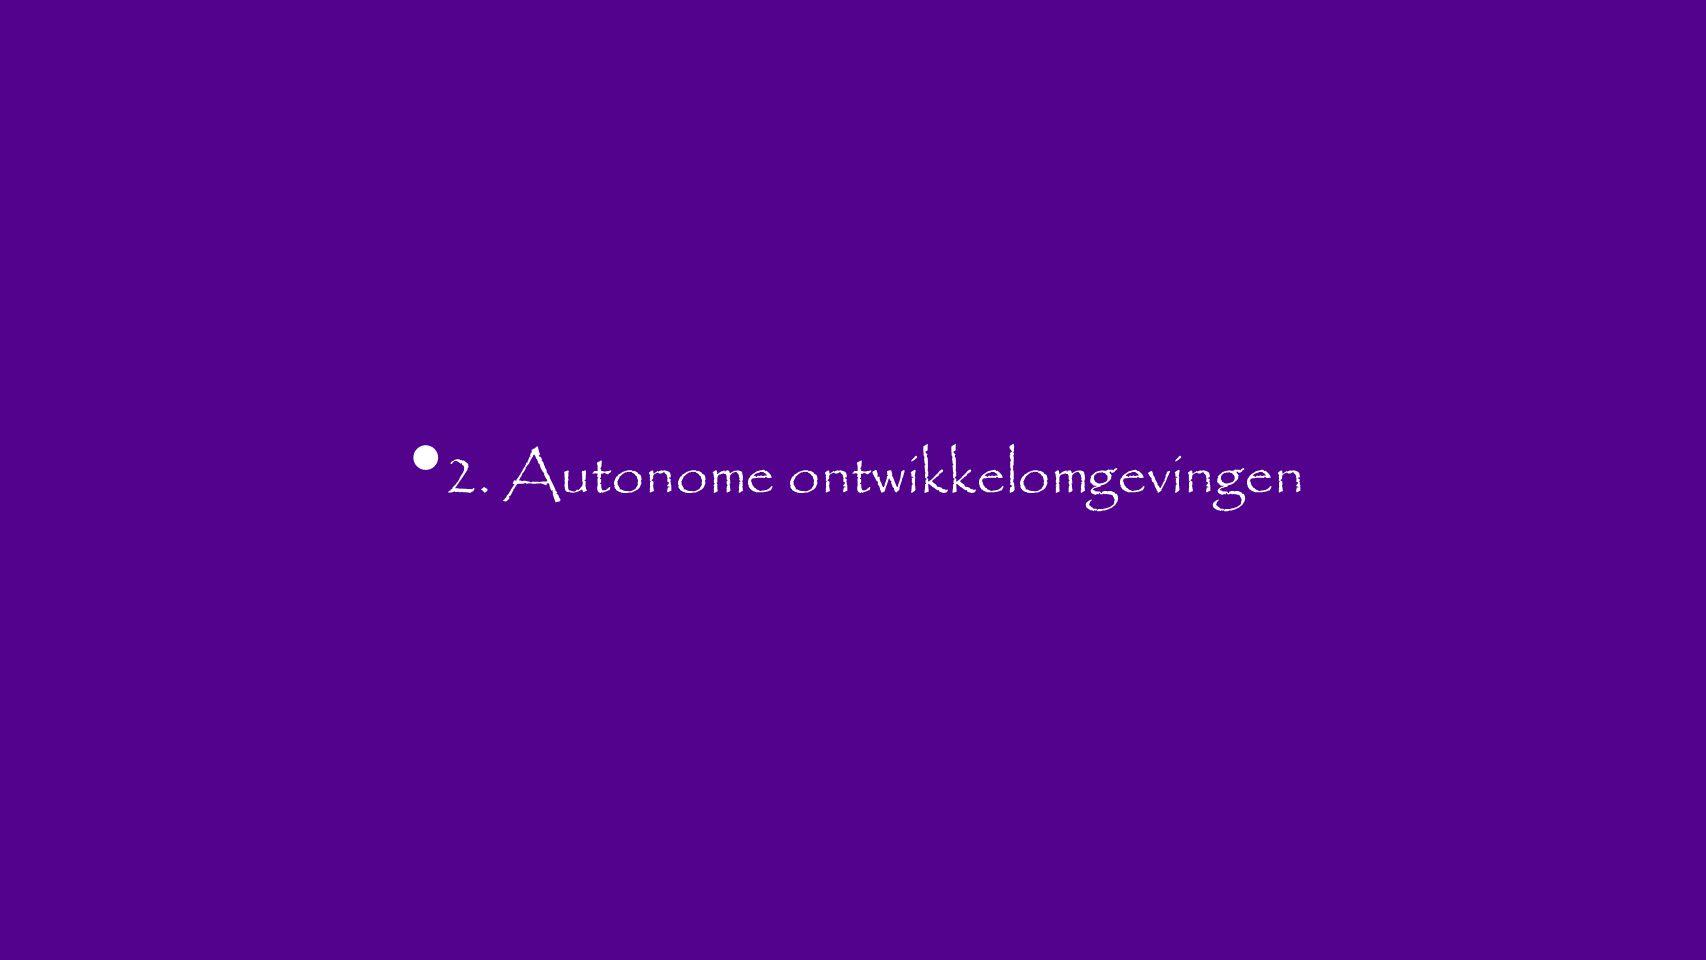 2. Autonome ontwikkelomgevingen